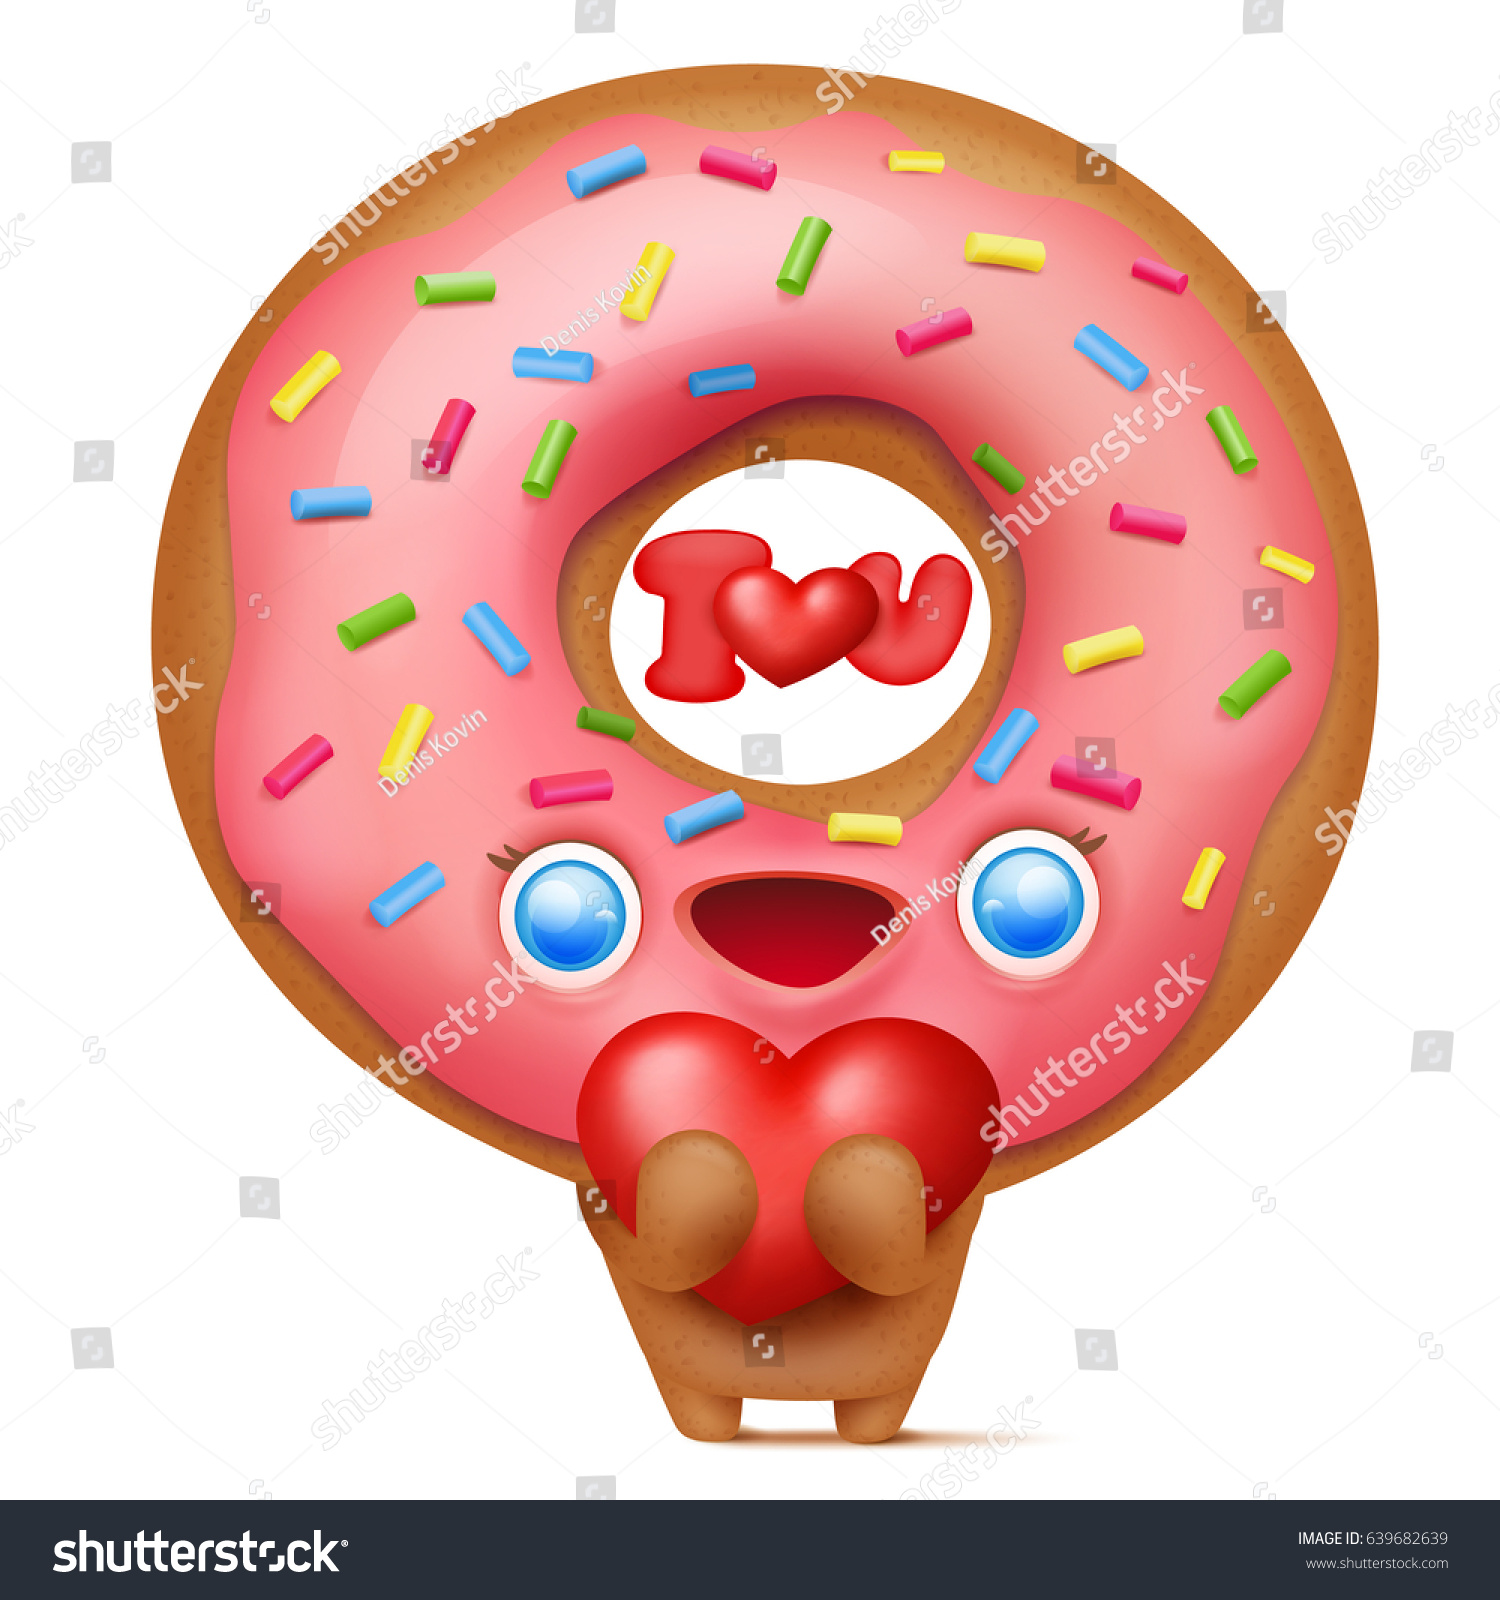 Character emoji symbols choice image symbol and sign ideas copy paste symbols heart images symbol and sign ideas muslim symbol emoji gallery symbol design logo buycottarizona